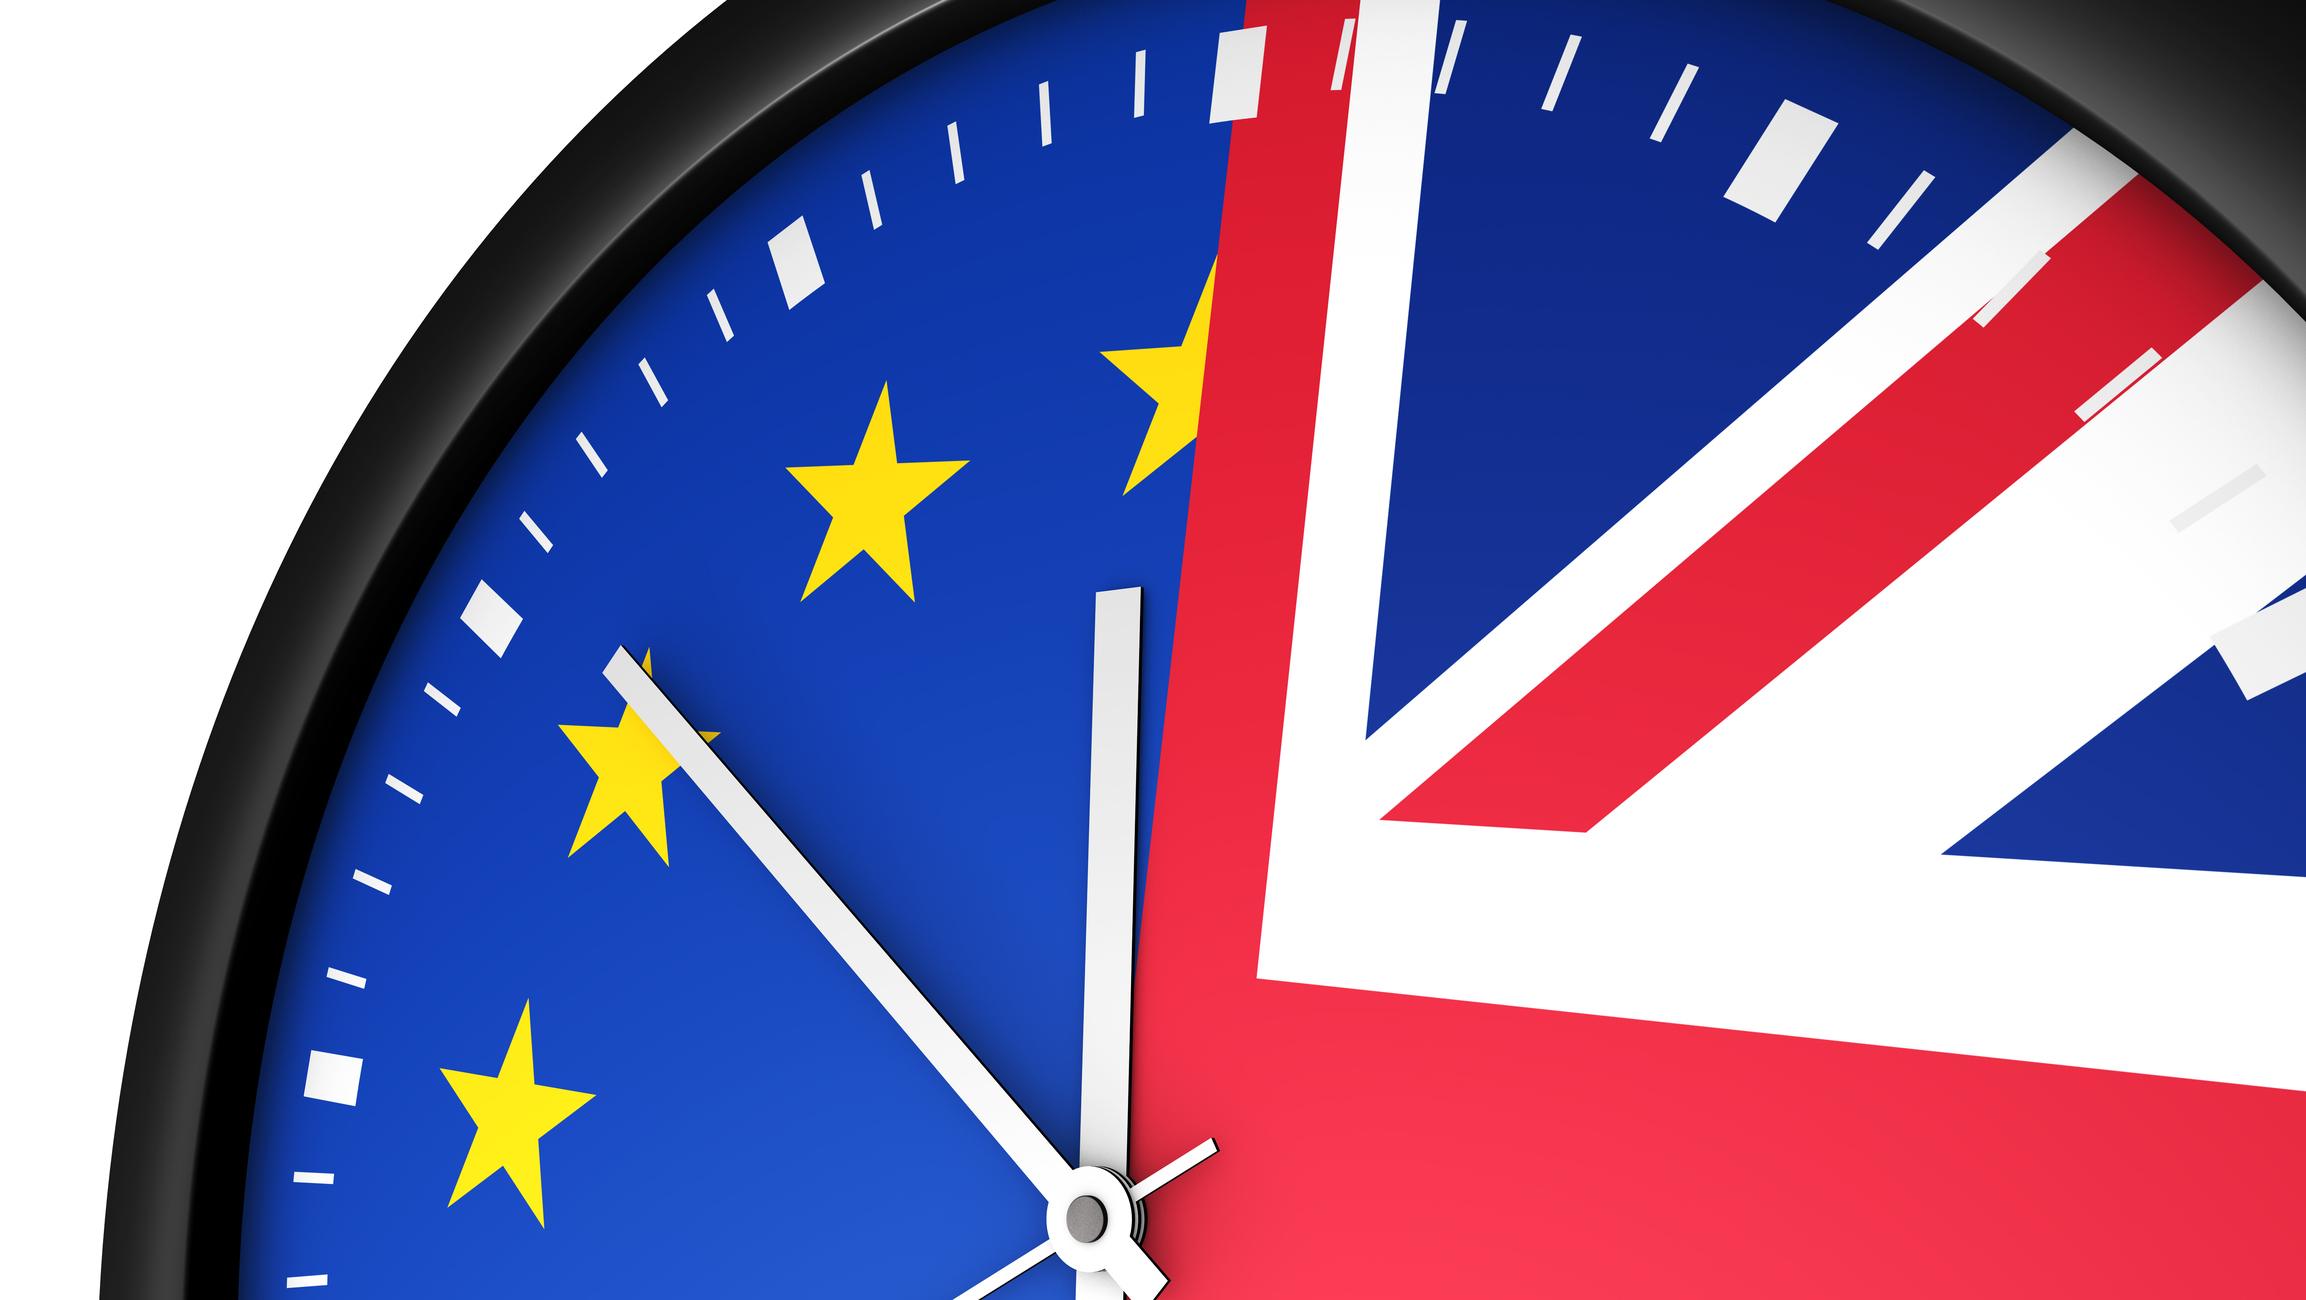 EU, UK